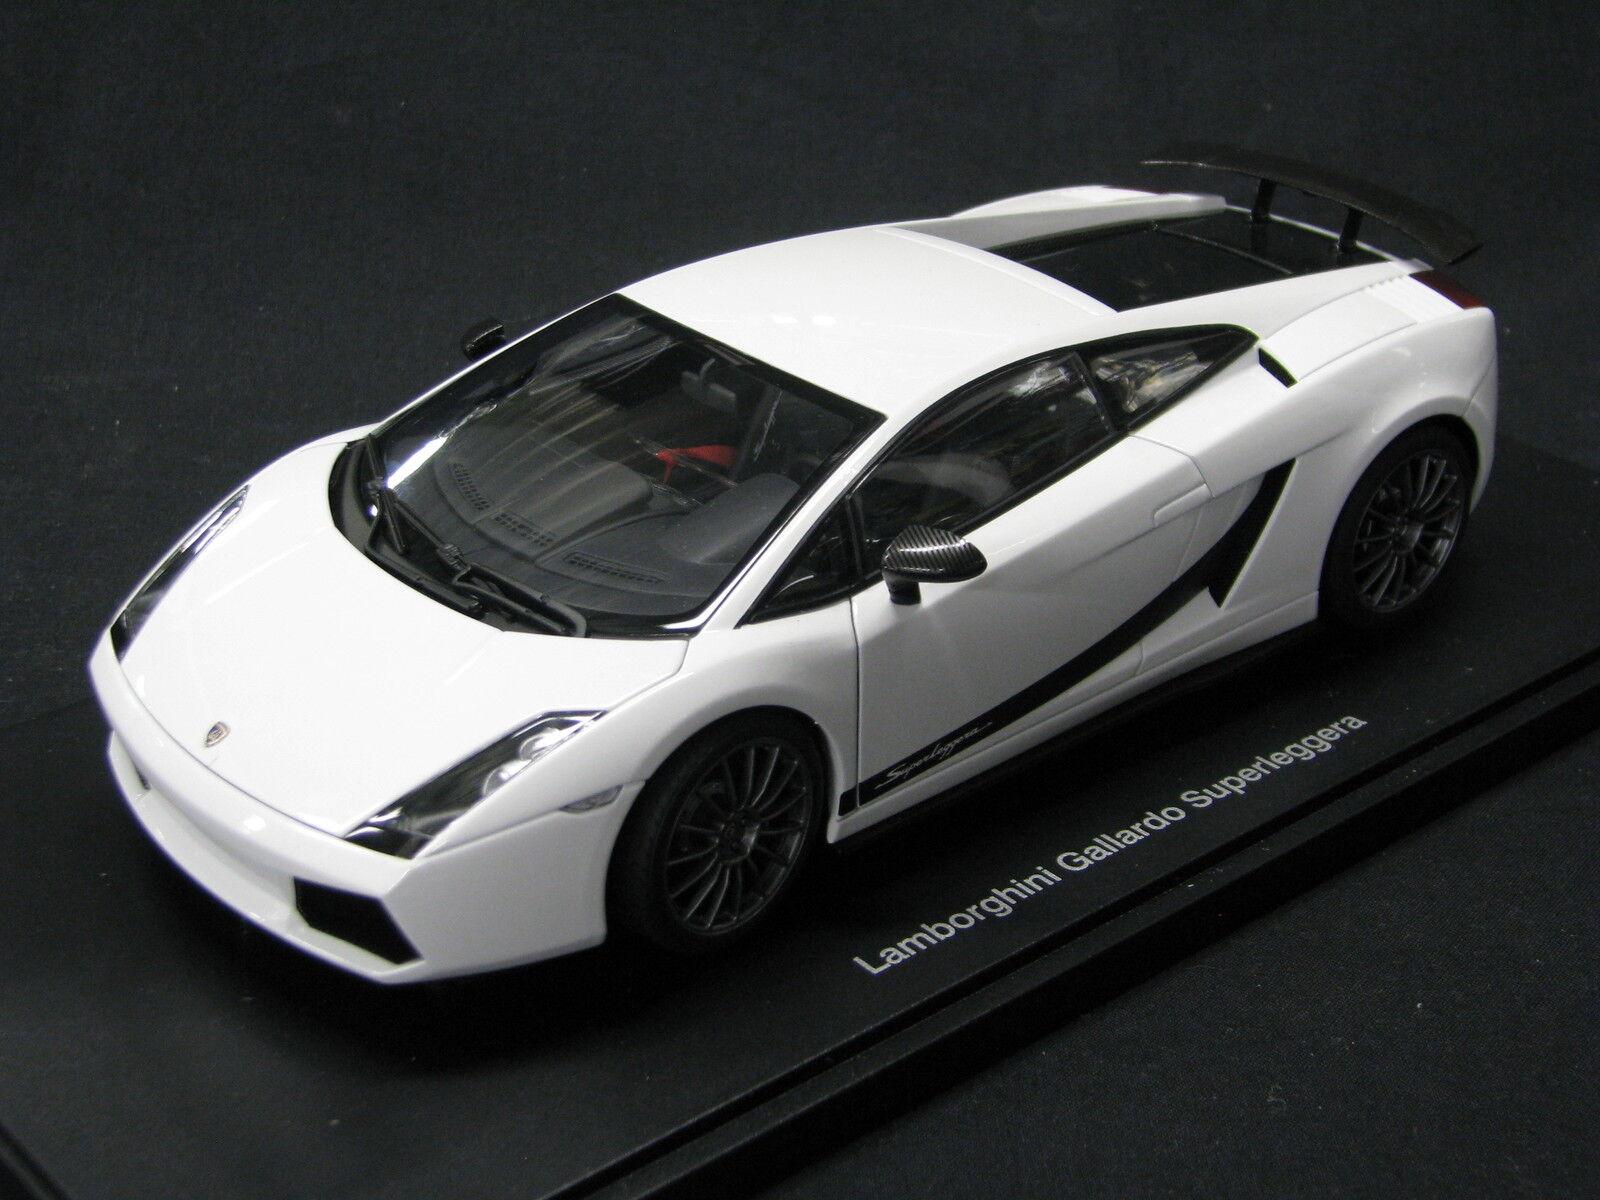 AutoArt Lamborghini Gallardo Superleggera 1 18 bianca (MCC)